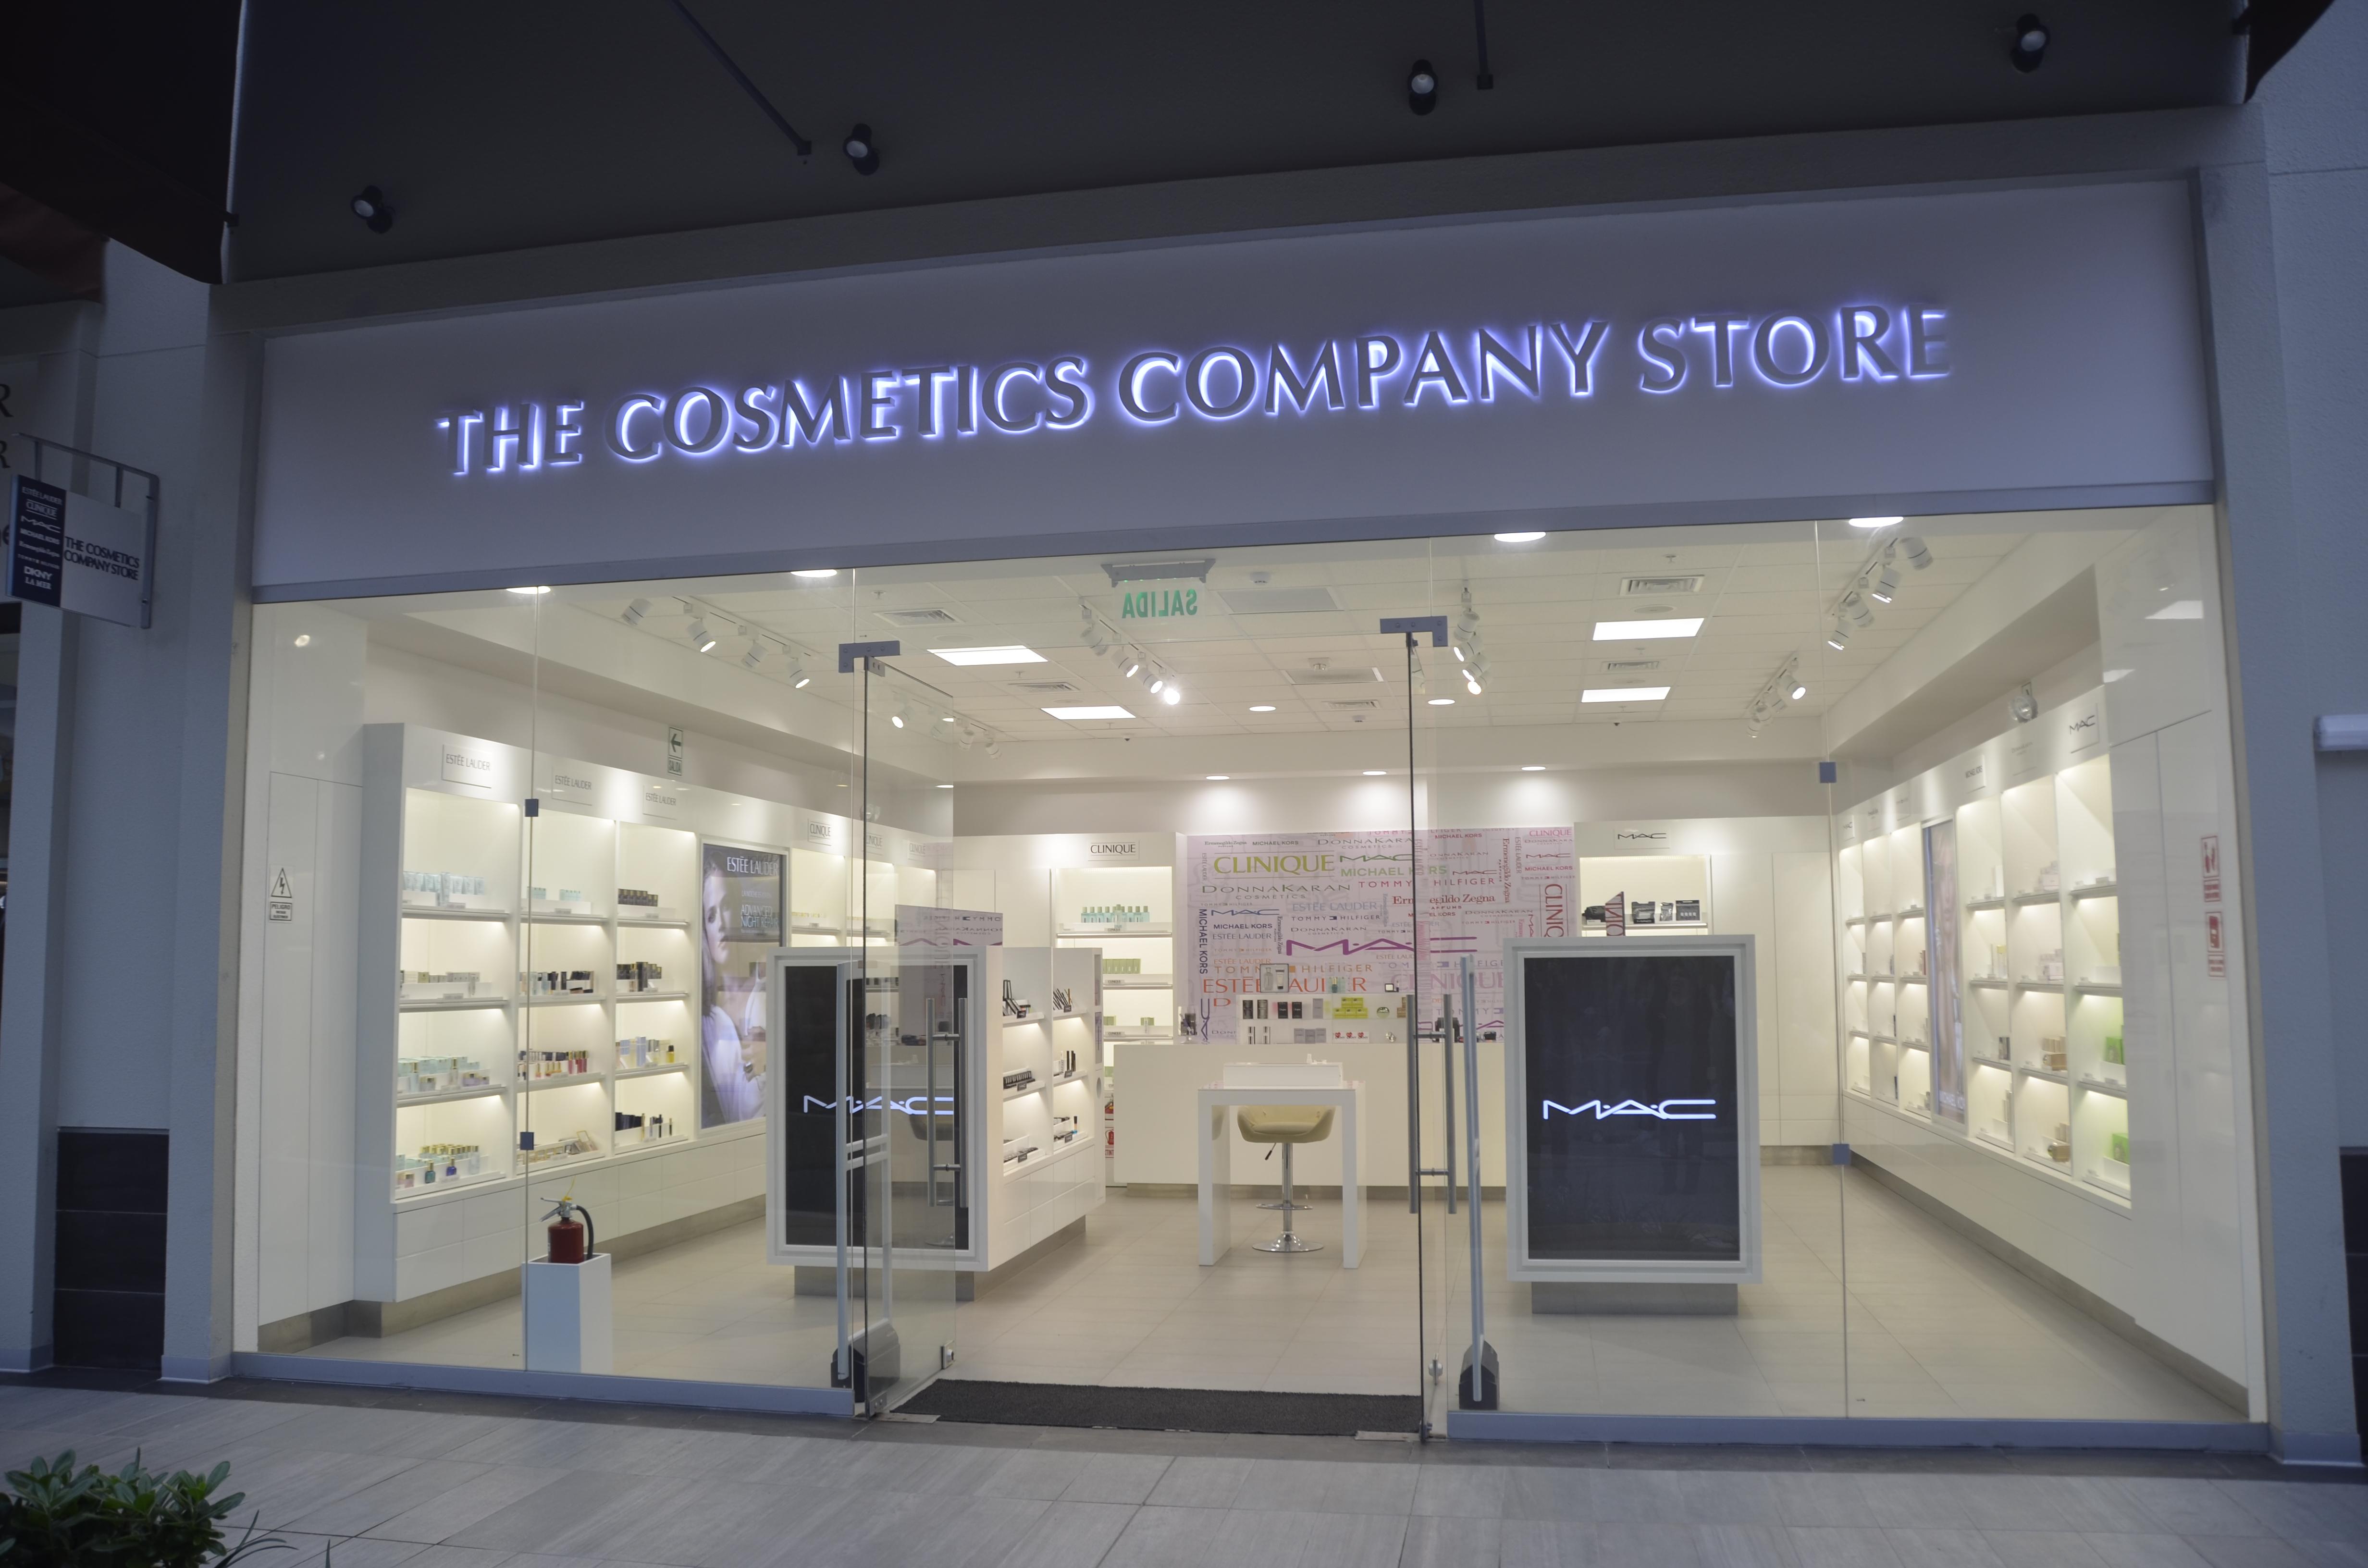 Estée Lauder abre su primera tienda en Perú - Estée Lauder Companies abrió su primer outlet en Perú